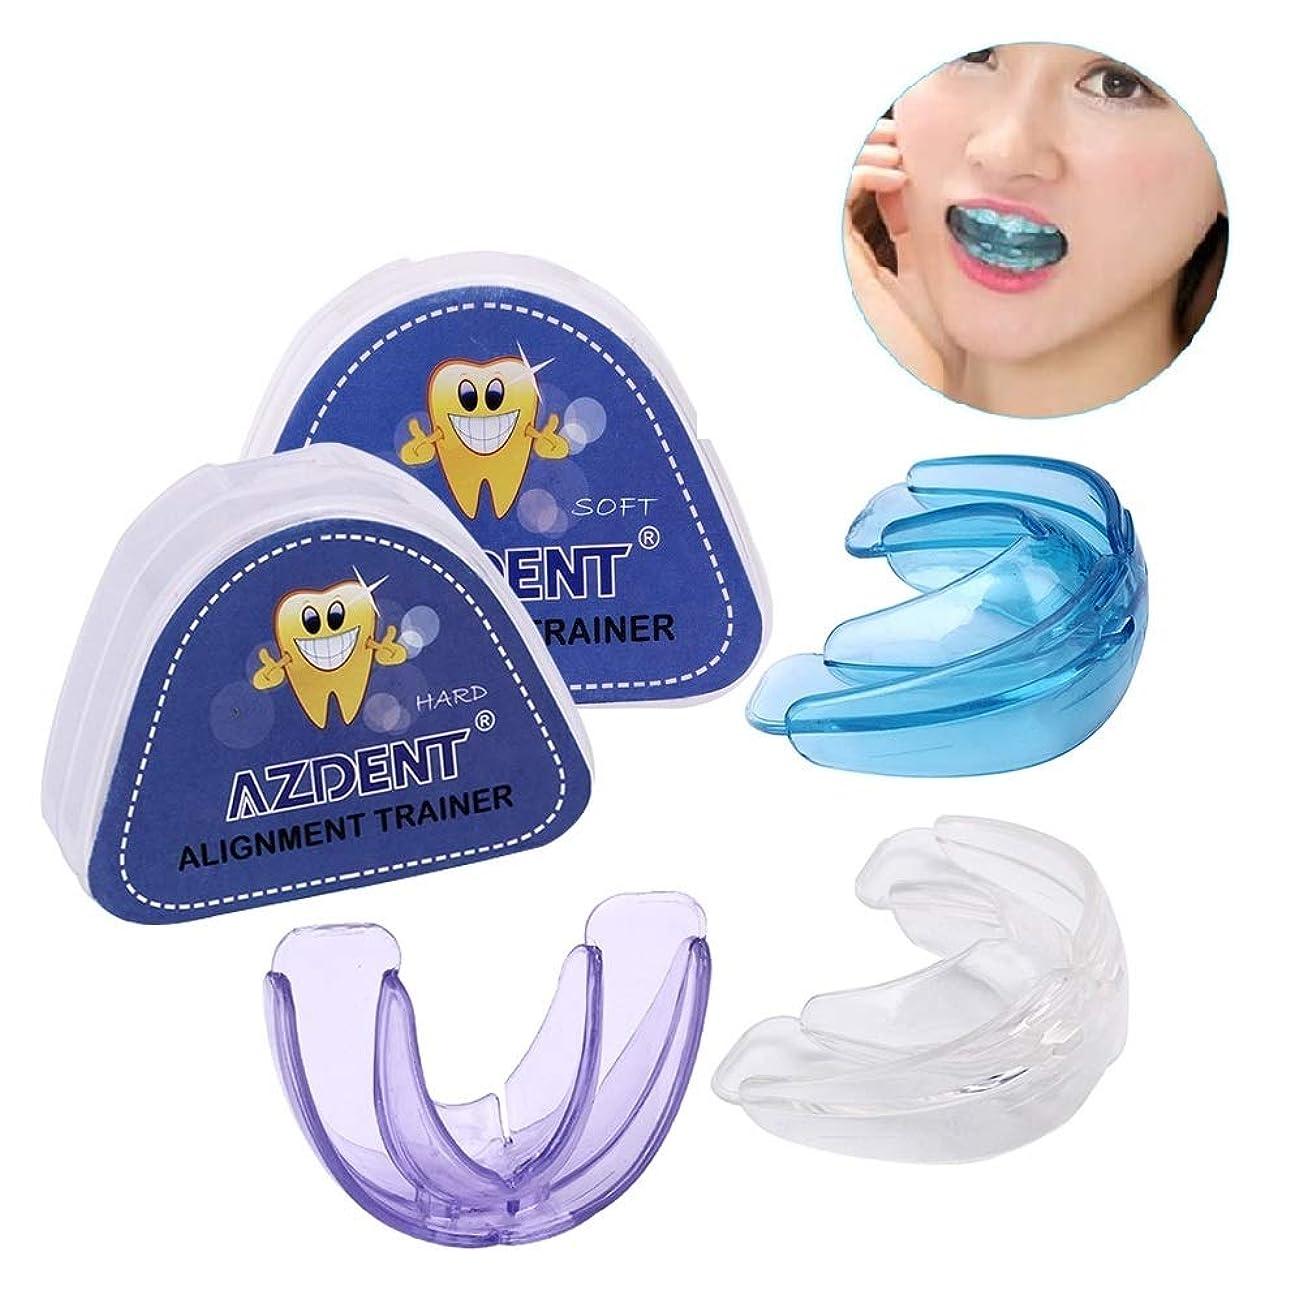 配置灰男らしさ1 SET(SOFT+HARD) Pro Silicone Tooth Orthodontic Dental Appliance Trainer Alignment Braces For Teeth Straight Alignment プロシリコントゥース歯列矯正歯科器具トレーナーアライメントカイトティースストレートアライメント(ソフト+ハード)